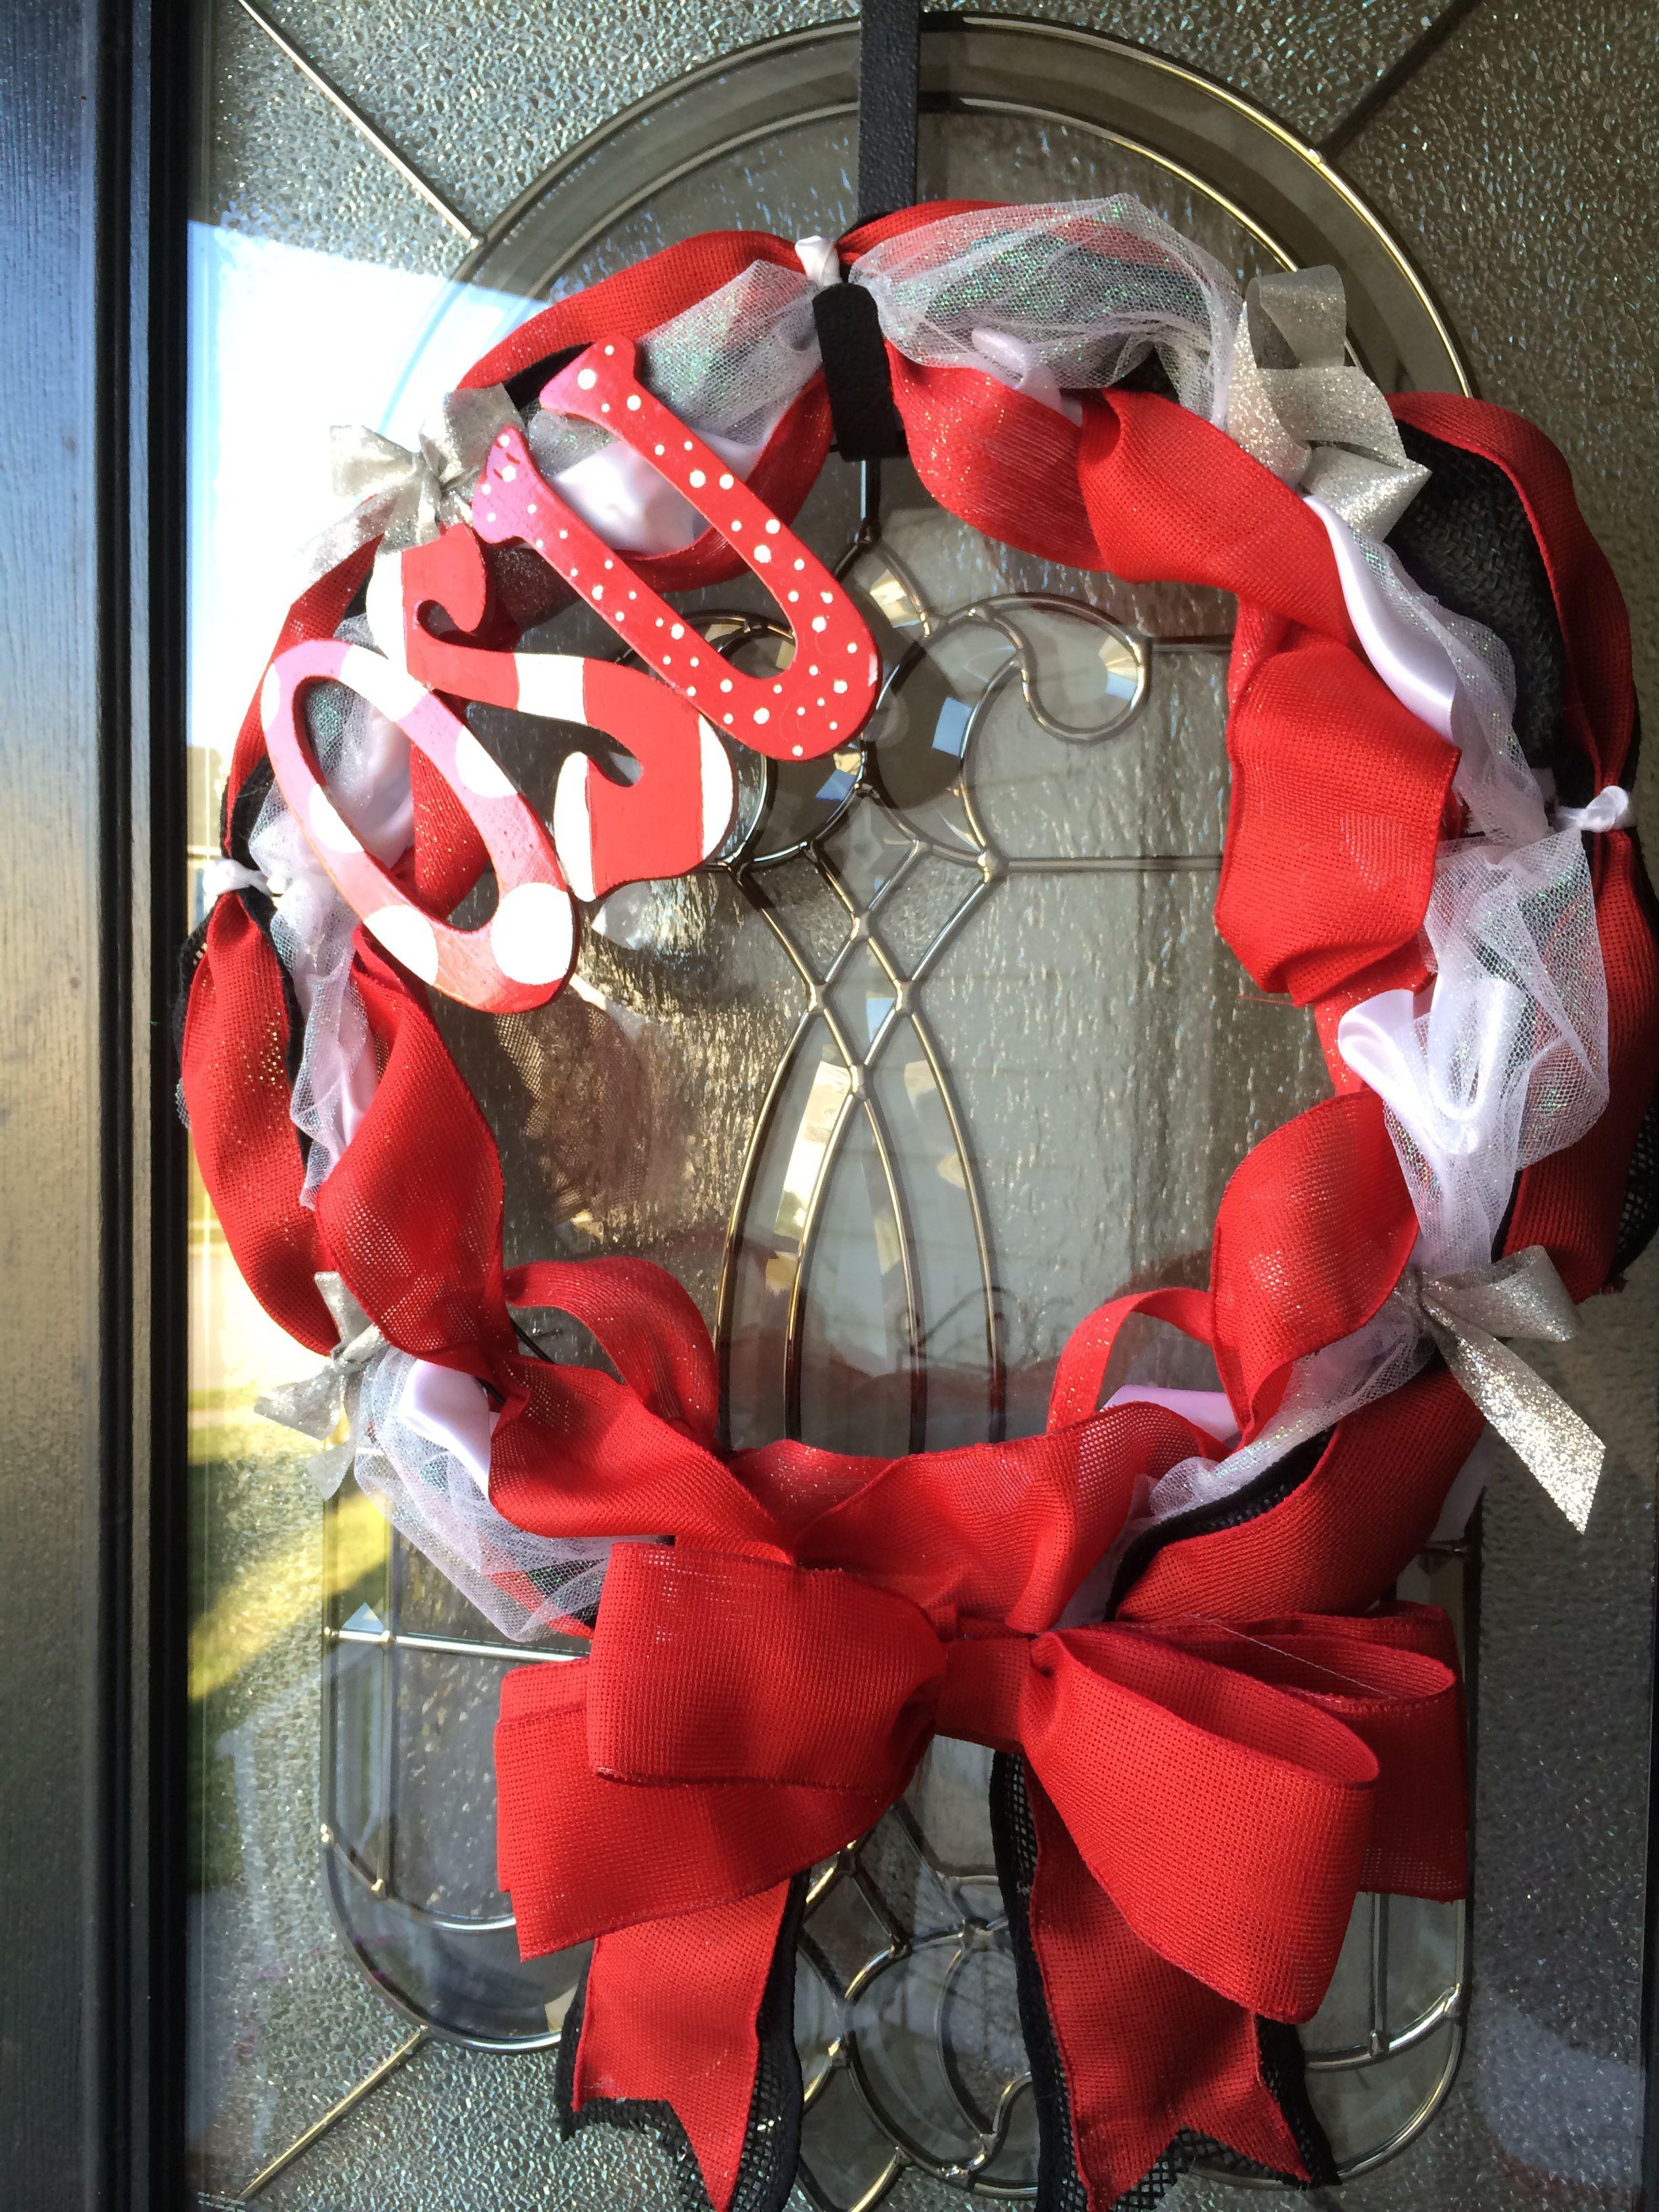 Bc mom'a crafty 4th of july wreath, Crafty, 4th of july